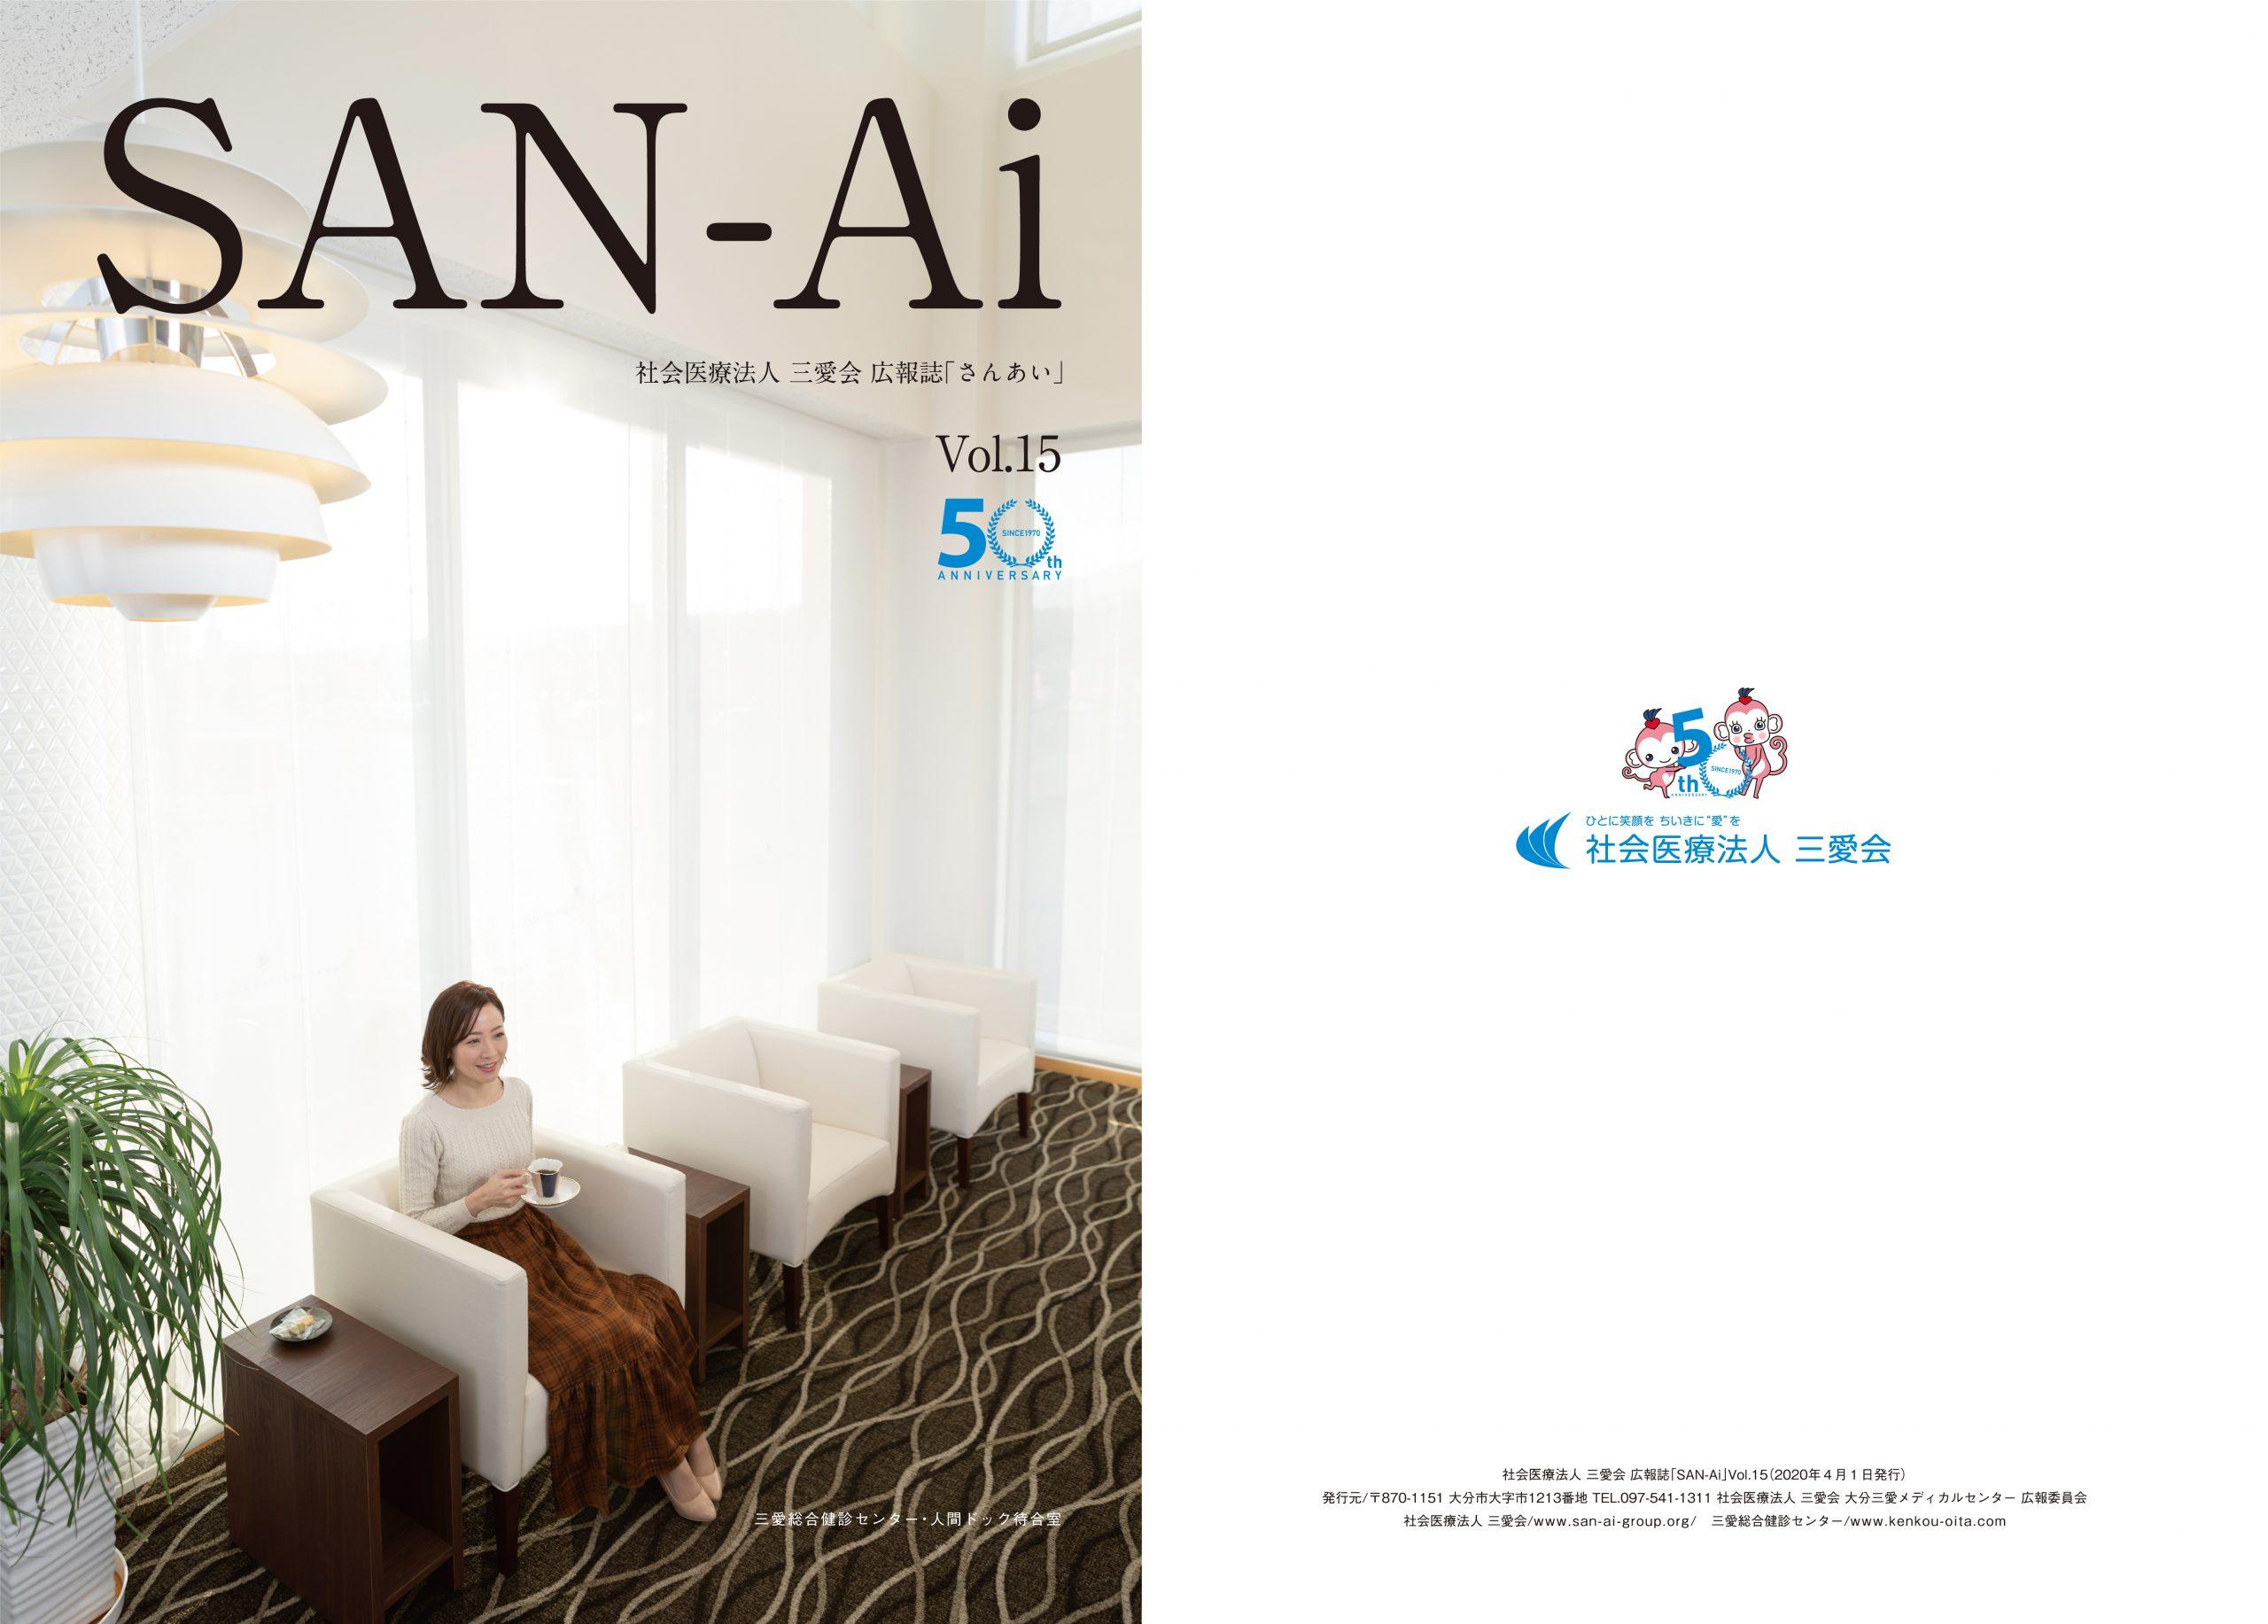 三愛会 広報誌「さんあい」 SAN-Ai Vol.15